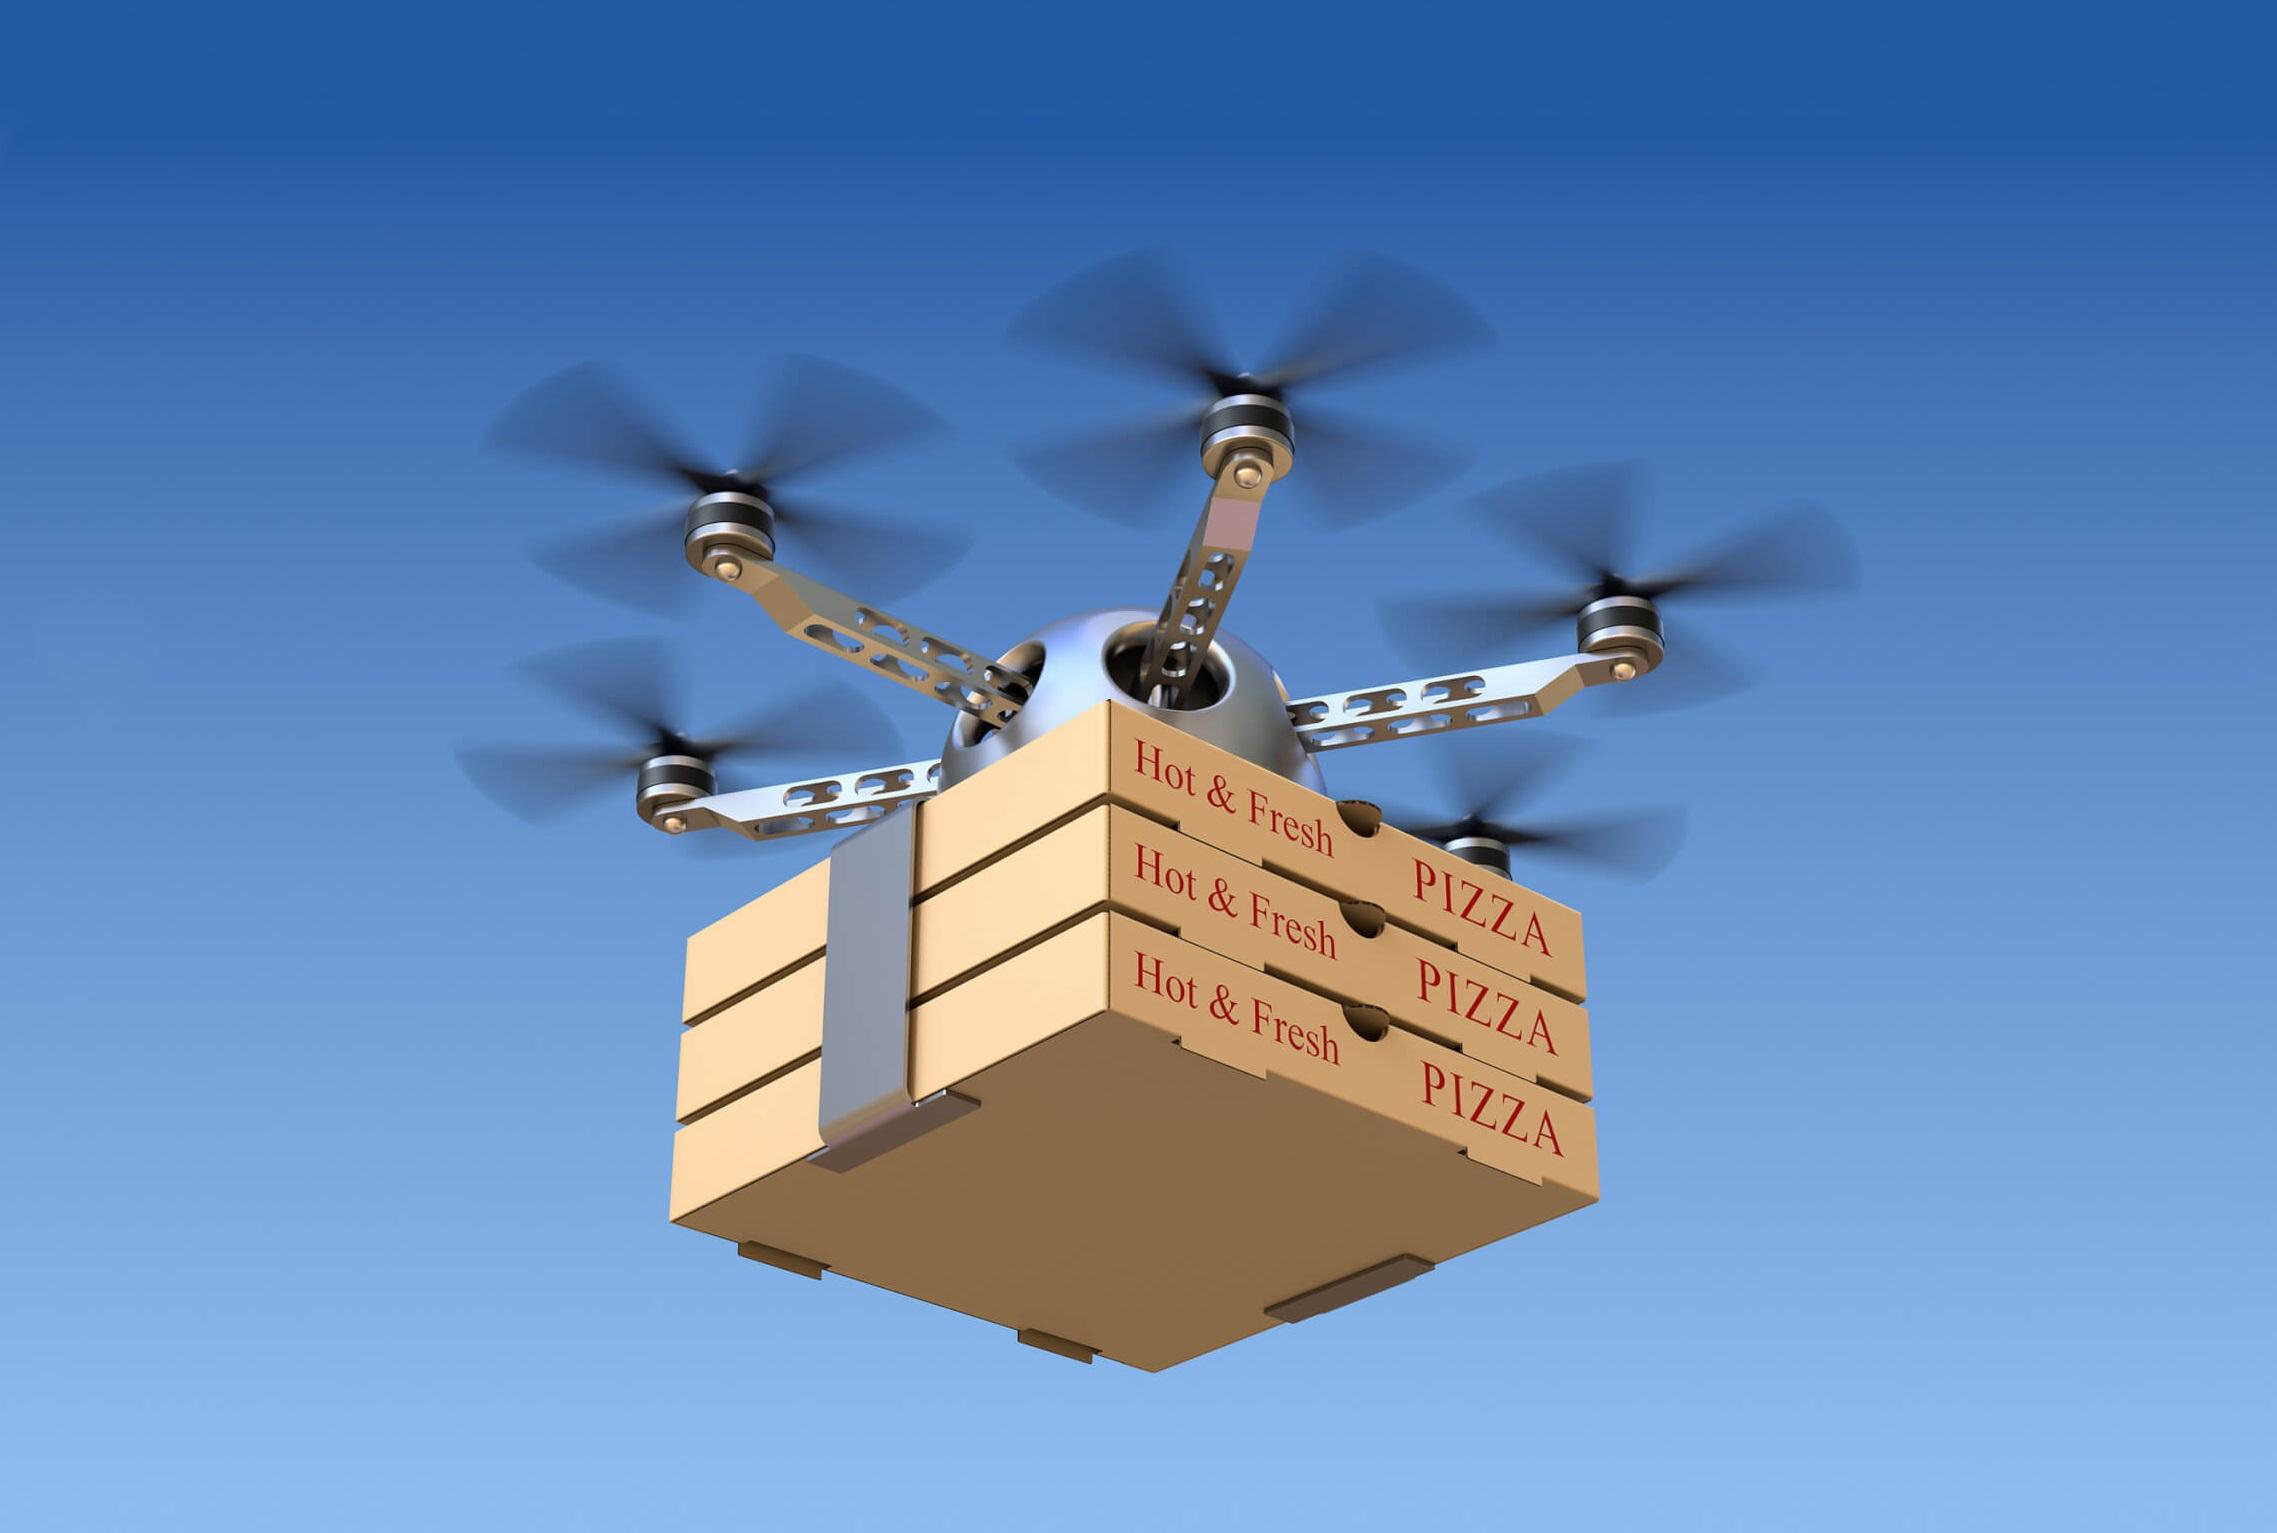 Uber eats drone - Uber compite con Amazon en servicio de entrega a domicilio a través de dron